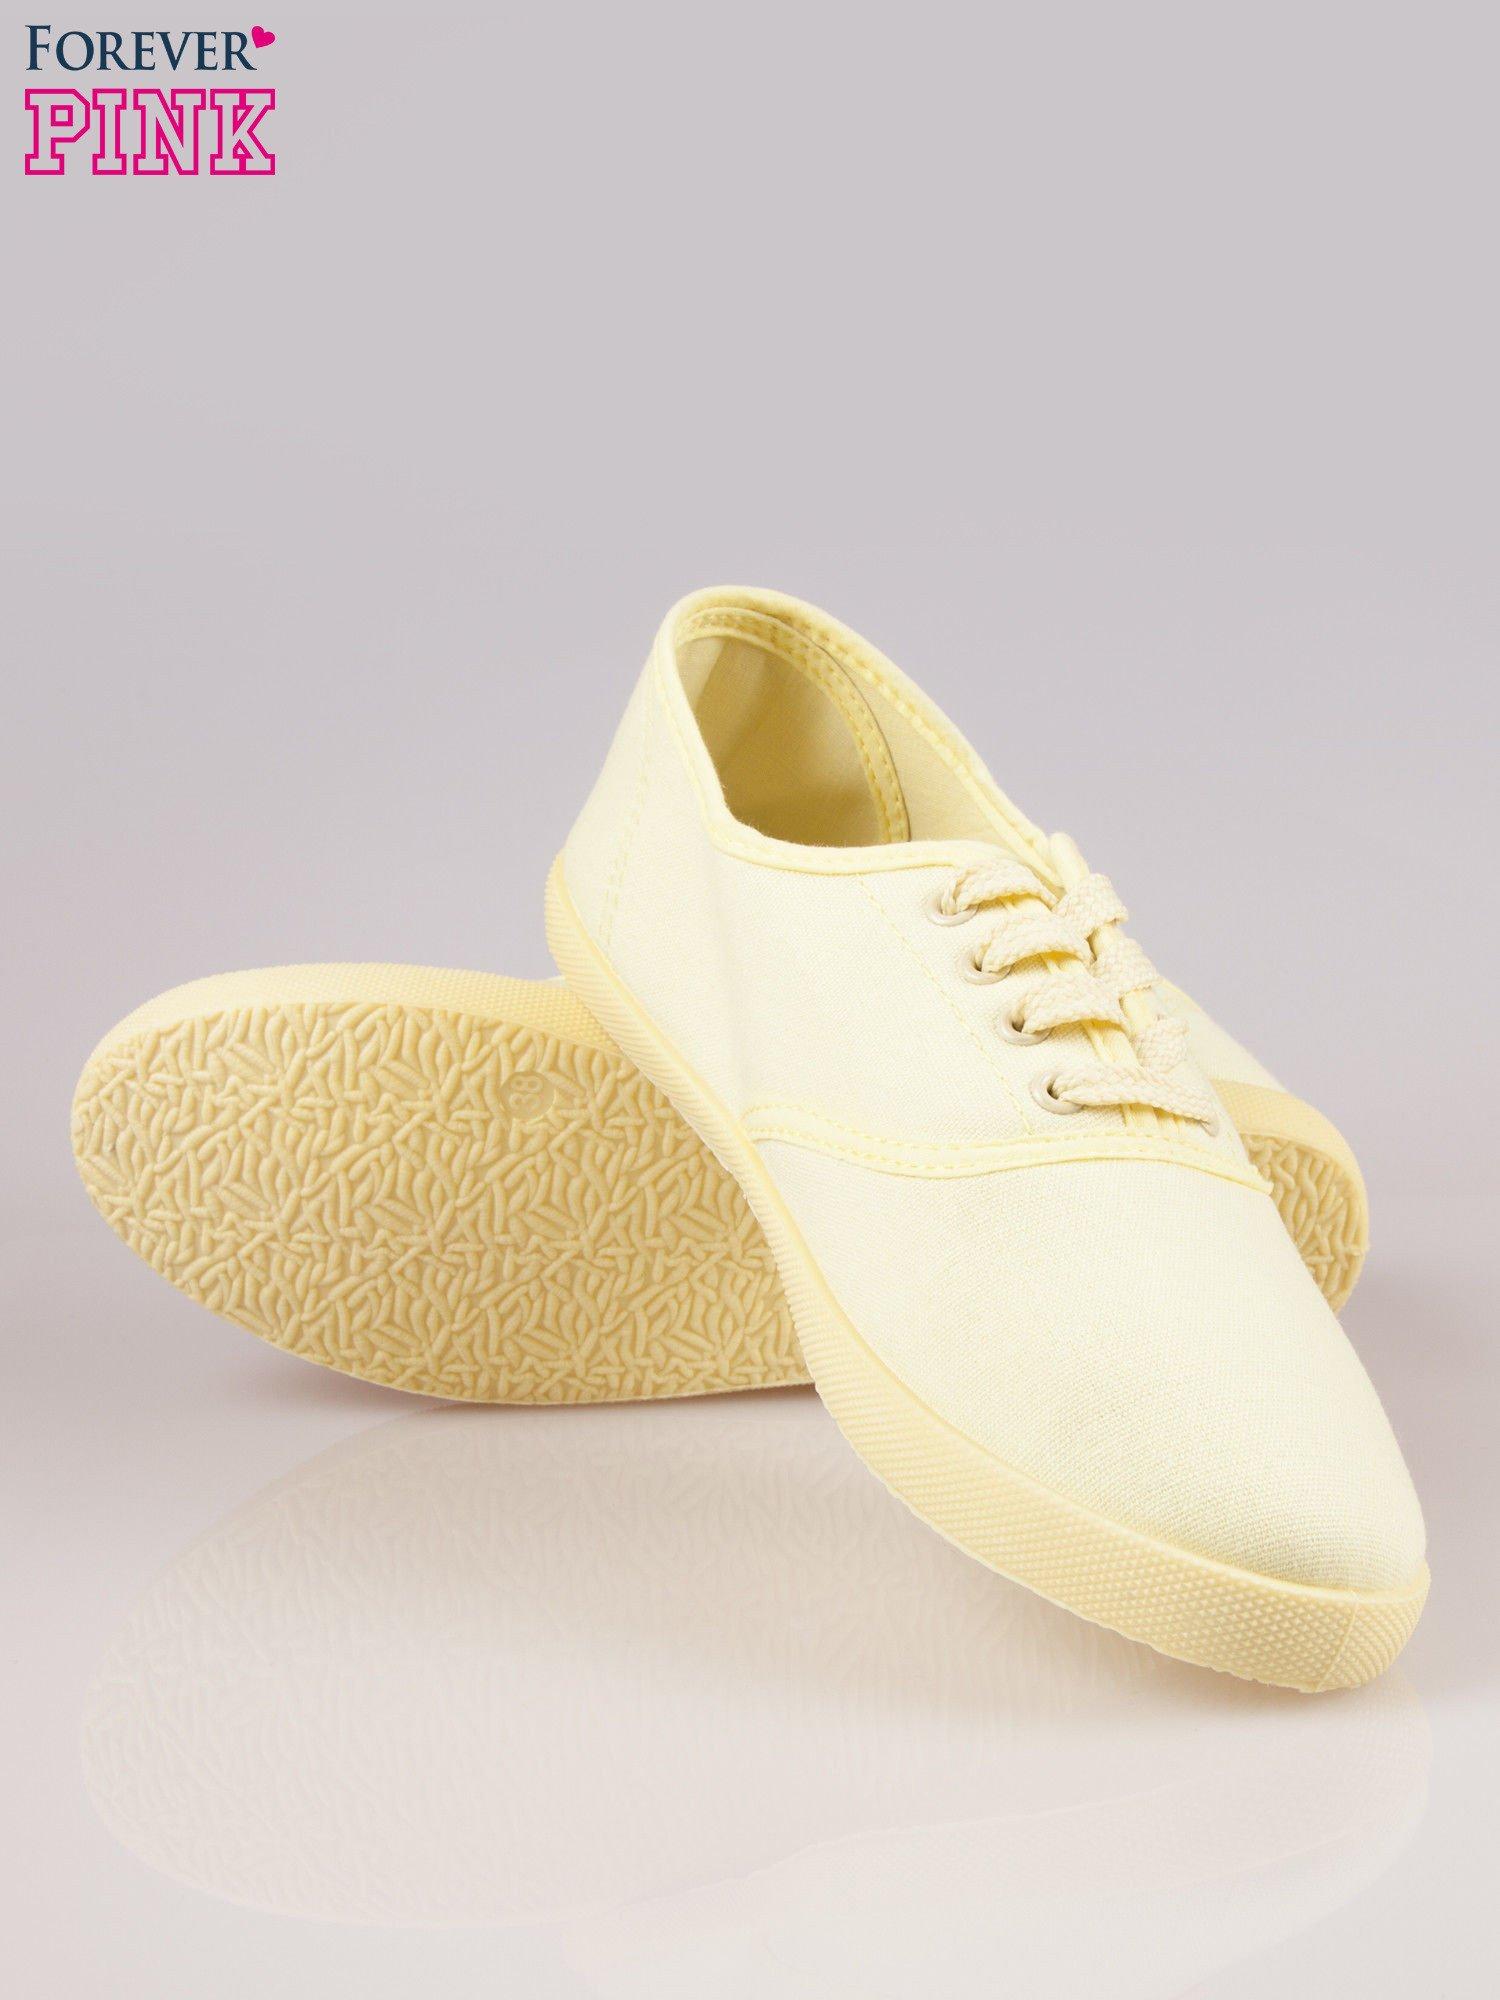 Żółtozielone tenisówki damskie                                  zdj.                                  4